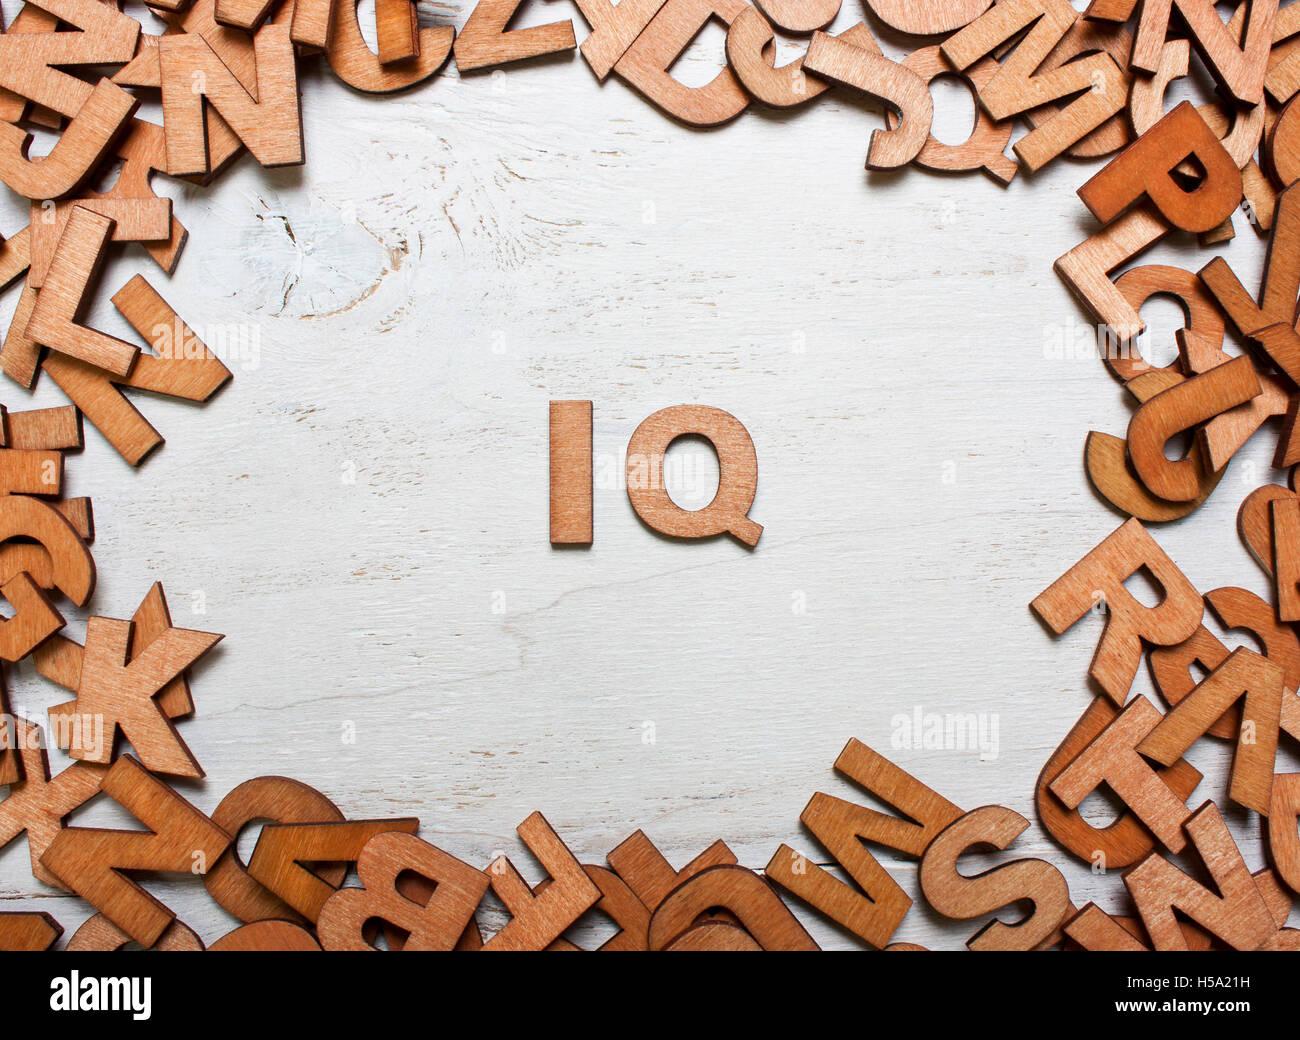 Parola IQ (quoziente di intelligenza) sono realizzati con lettere in legno su un vecchio bianco sullo sfondo di Immagini Stock